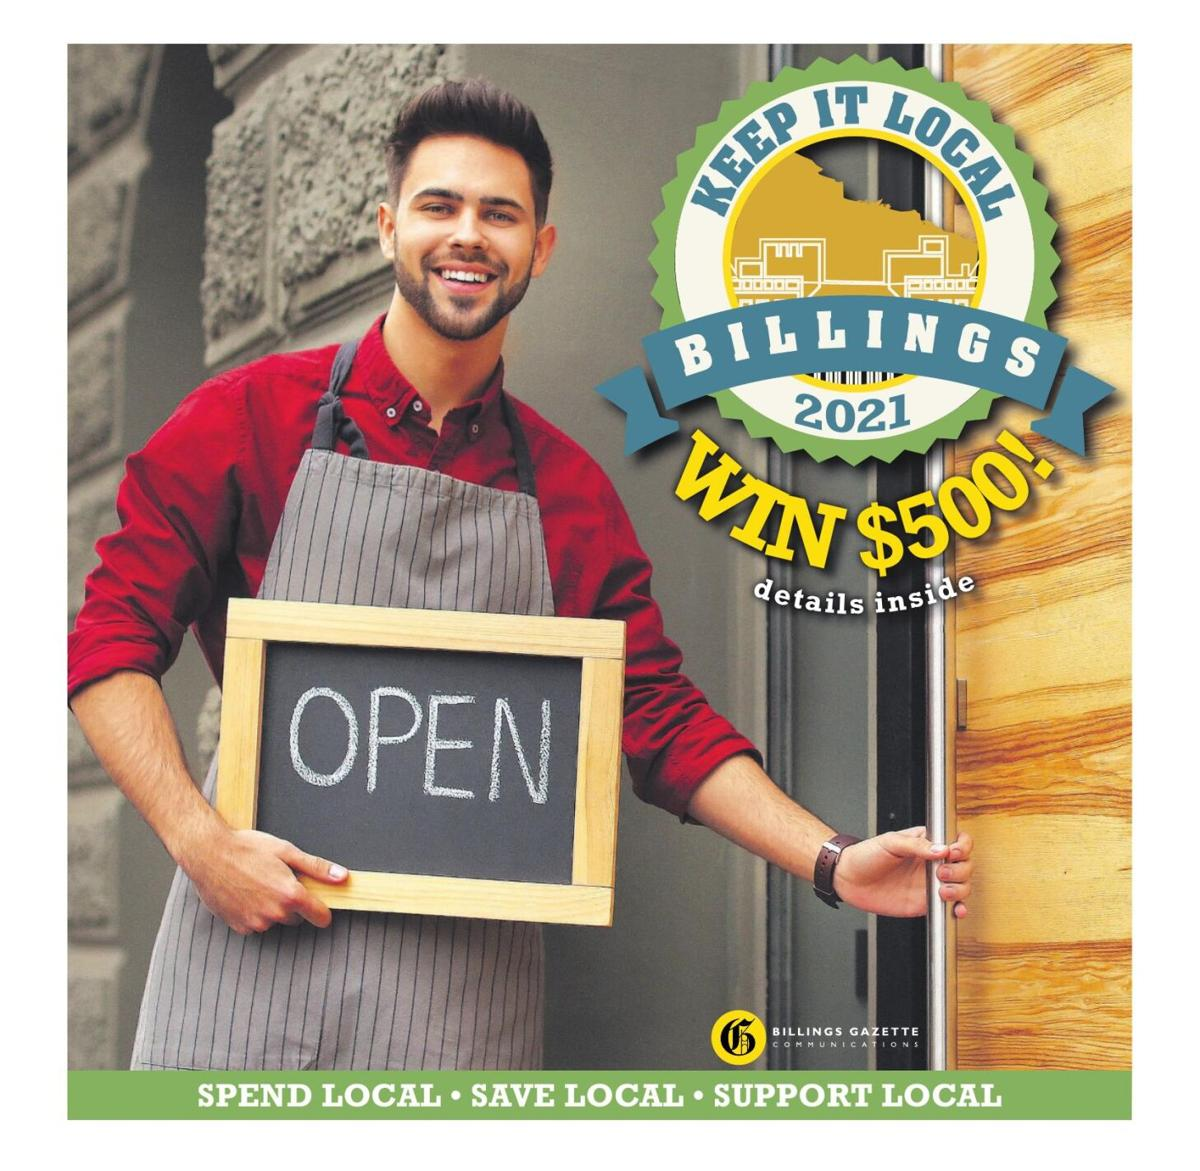 Keep It Local - Billings 2021